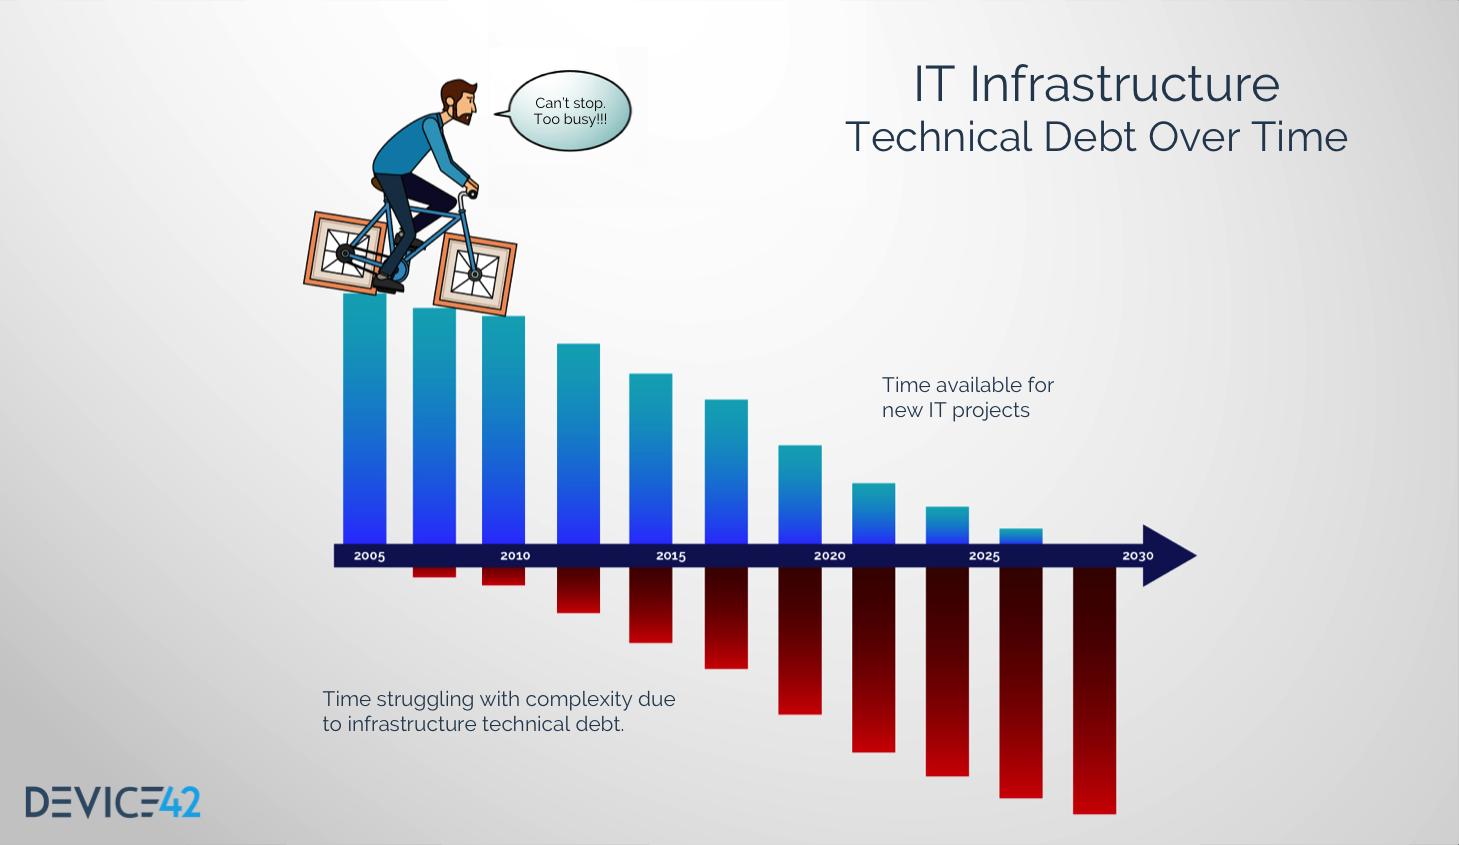 Nom : V.5-Blog-image-tech-Debt-May-14-2019.png Affichages : 32061 Taille : 317,2 Ko